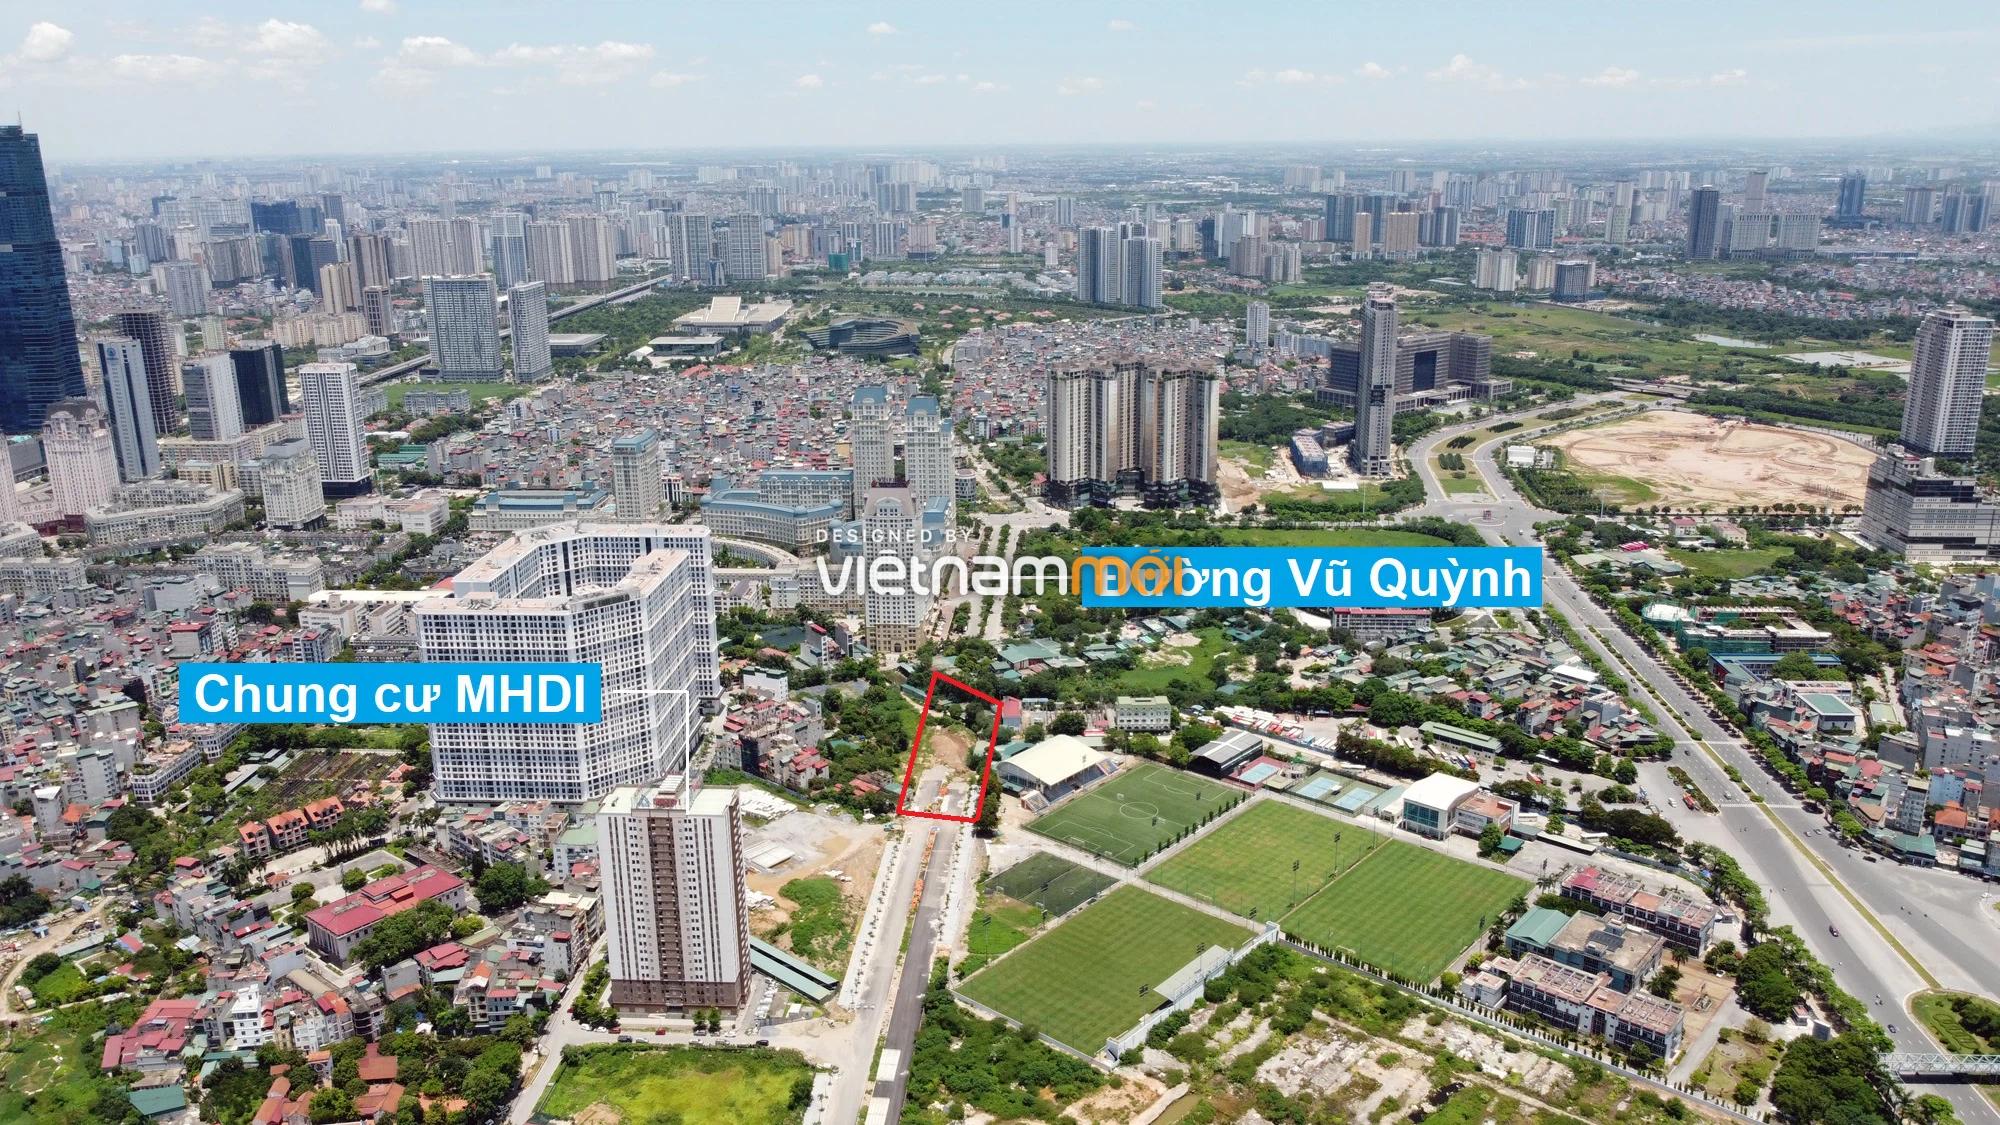 Những khu đất sắp thu hồi để mở đường ở phường Mỹ Đình 1, Nam Từ Liêm, Hà Nội (phần 2) - Ảnh 12.